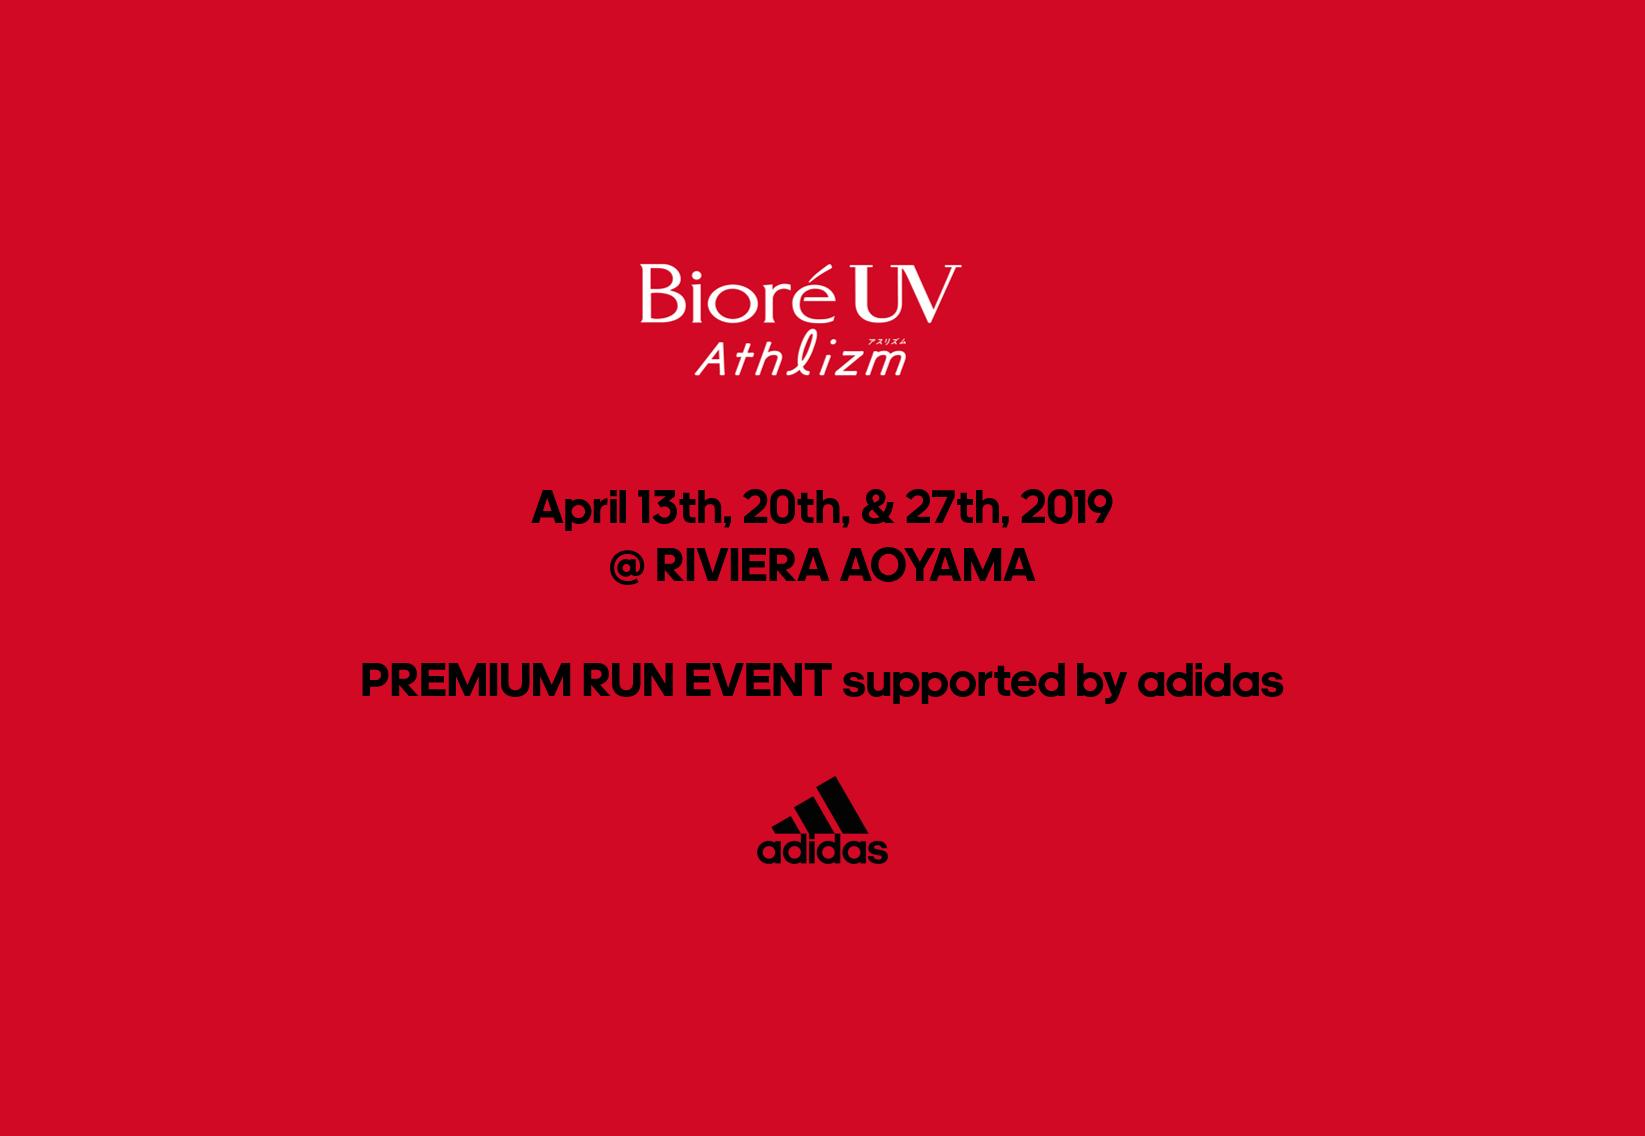 【女性限定・プレゼント付】Biore UV Athlizm PREMIUM RUN EVENT supported by adidas